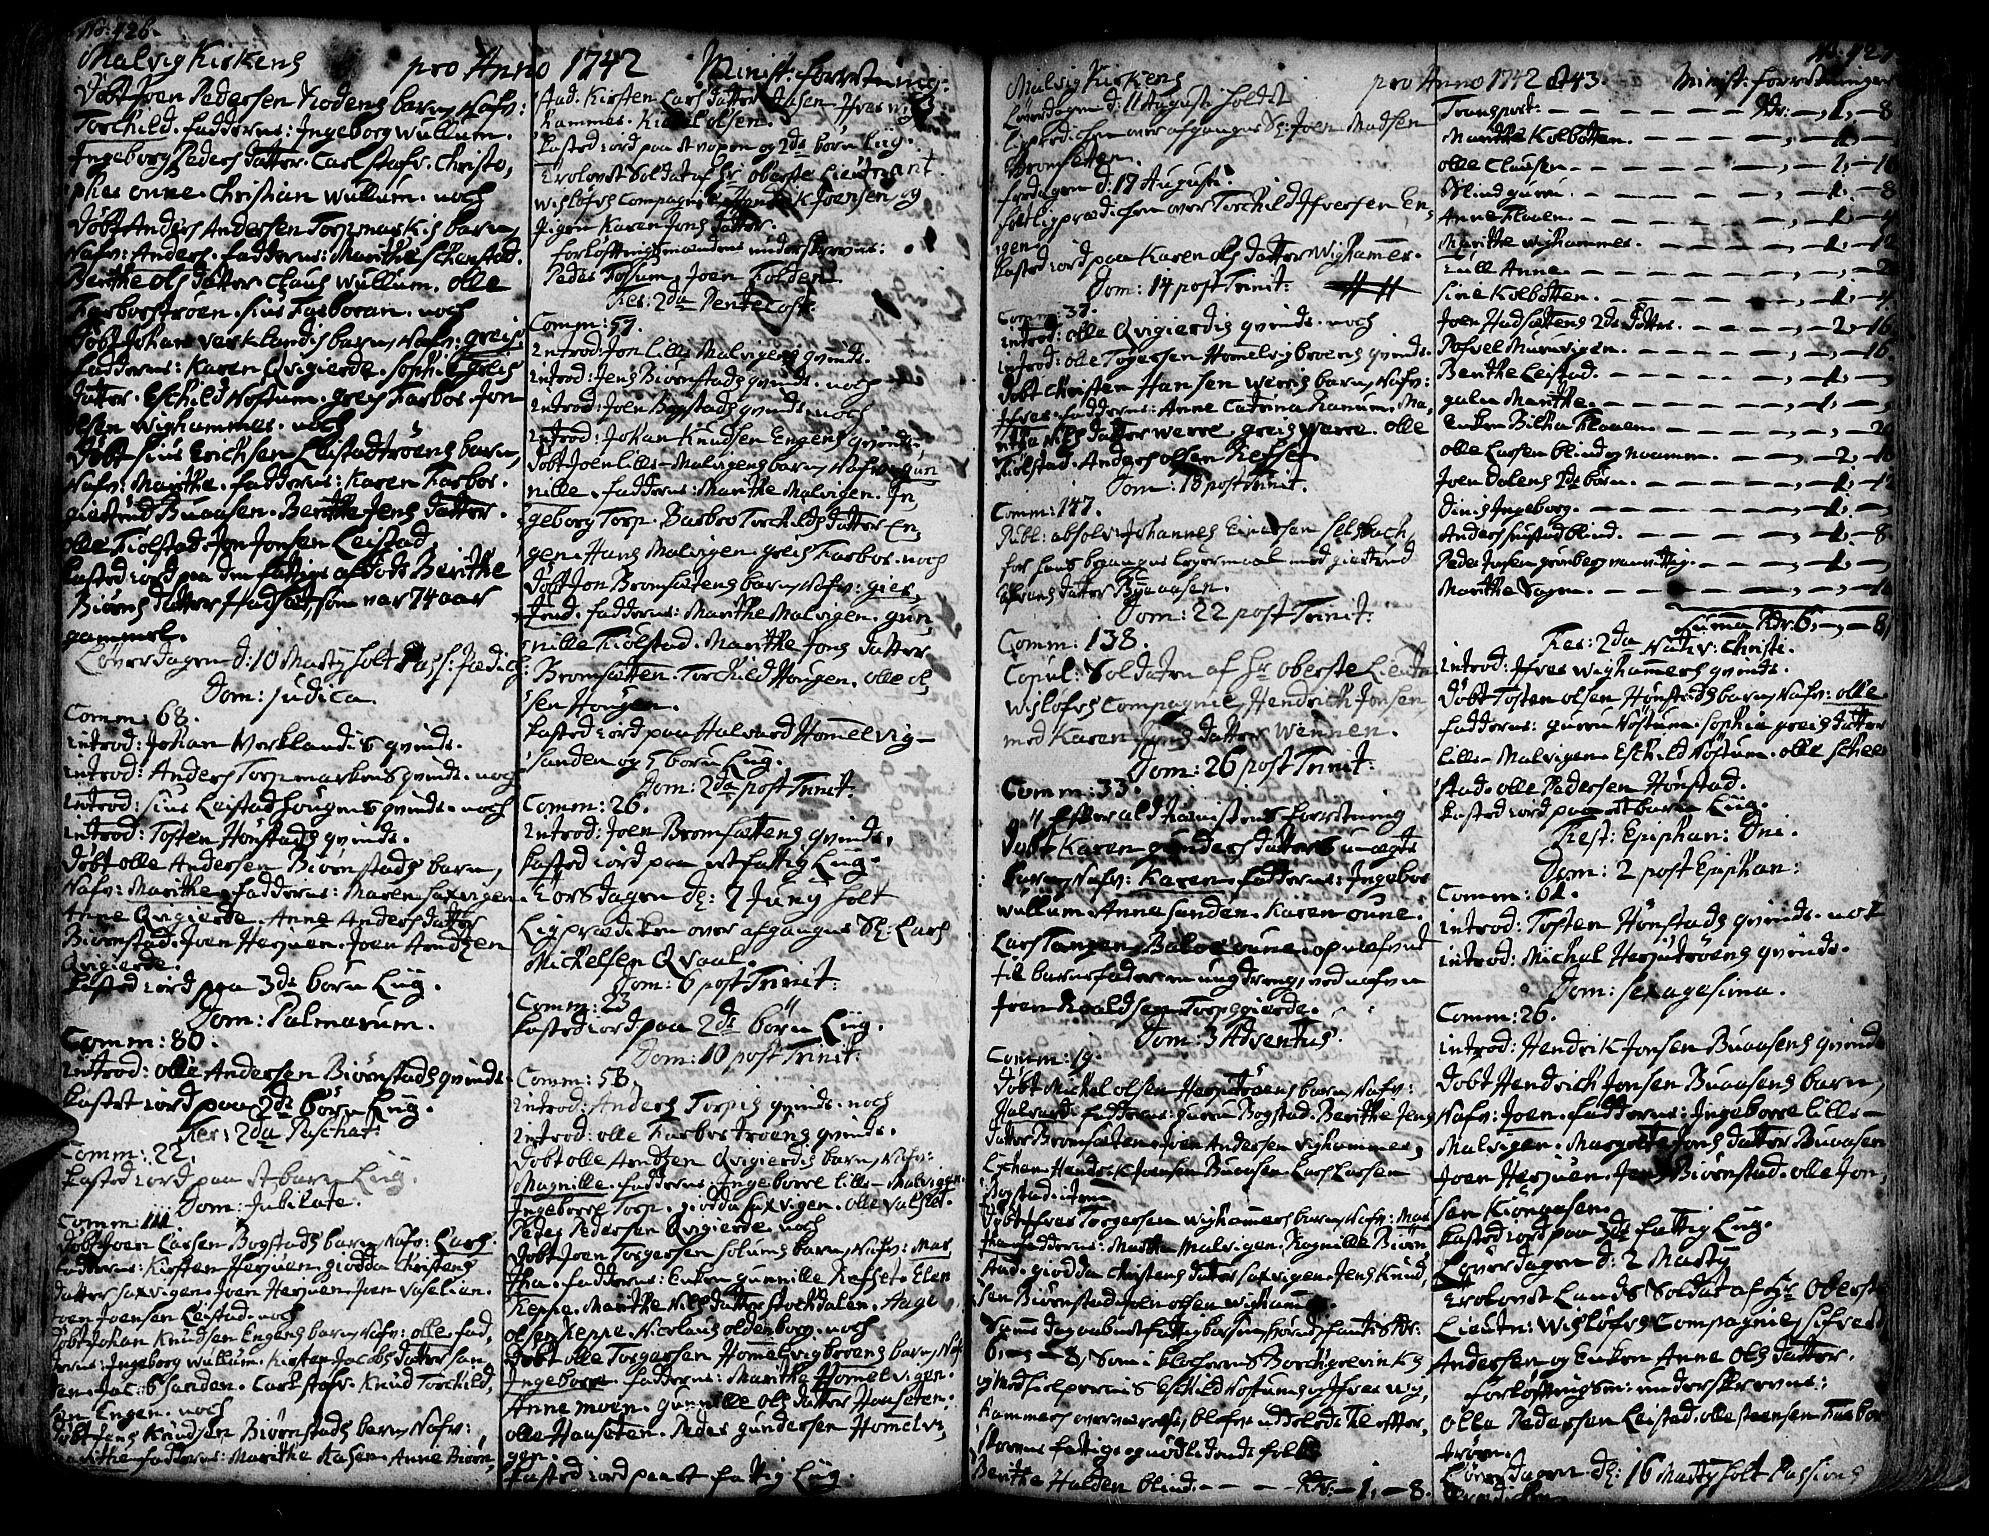 SAT, Ministerialprotokoller, klokkerbøker og fødselsregistre - Sør-Trøndelag, 606/L0277: Ministerialbok nr. 606A01 /3, 1727-1780, s. 426-427